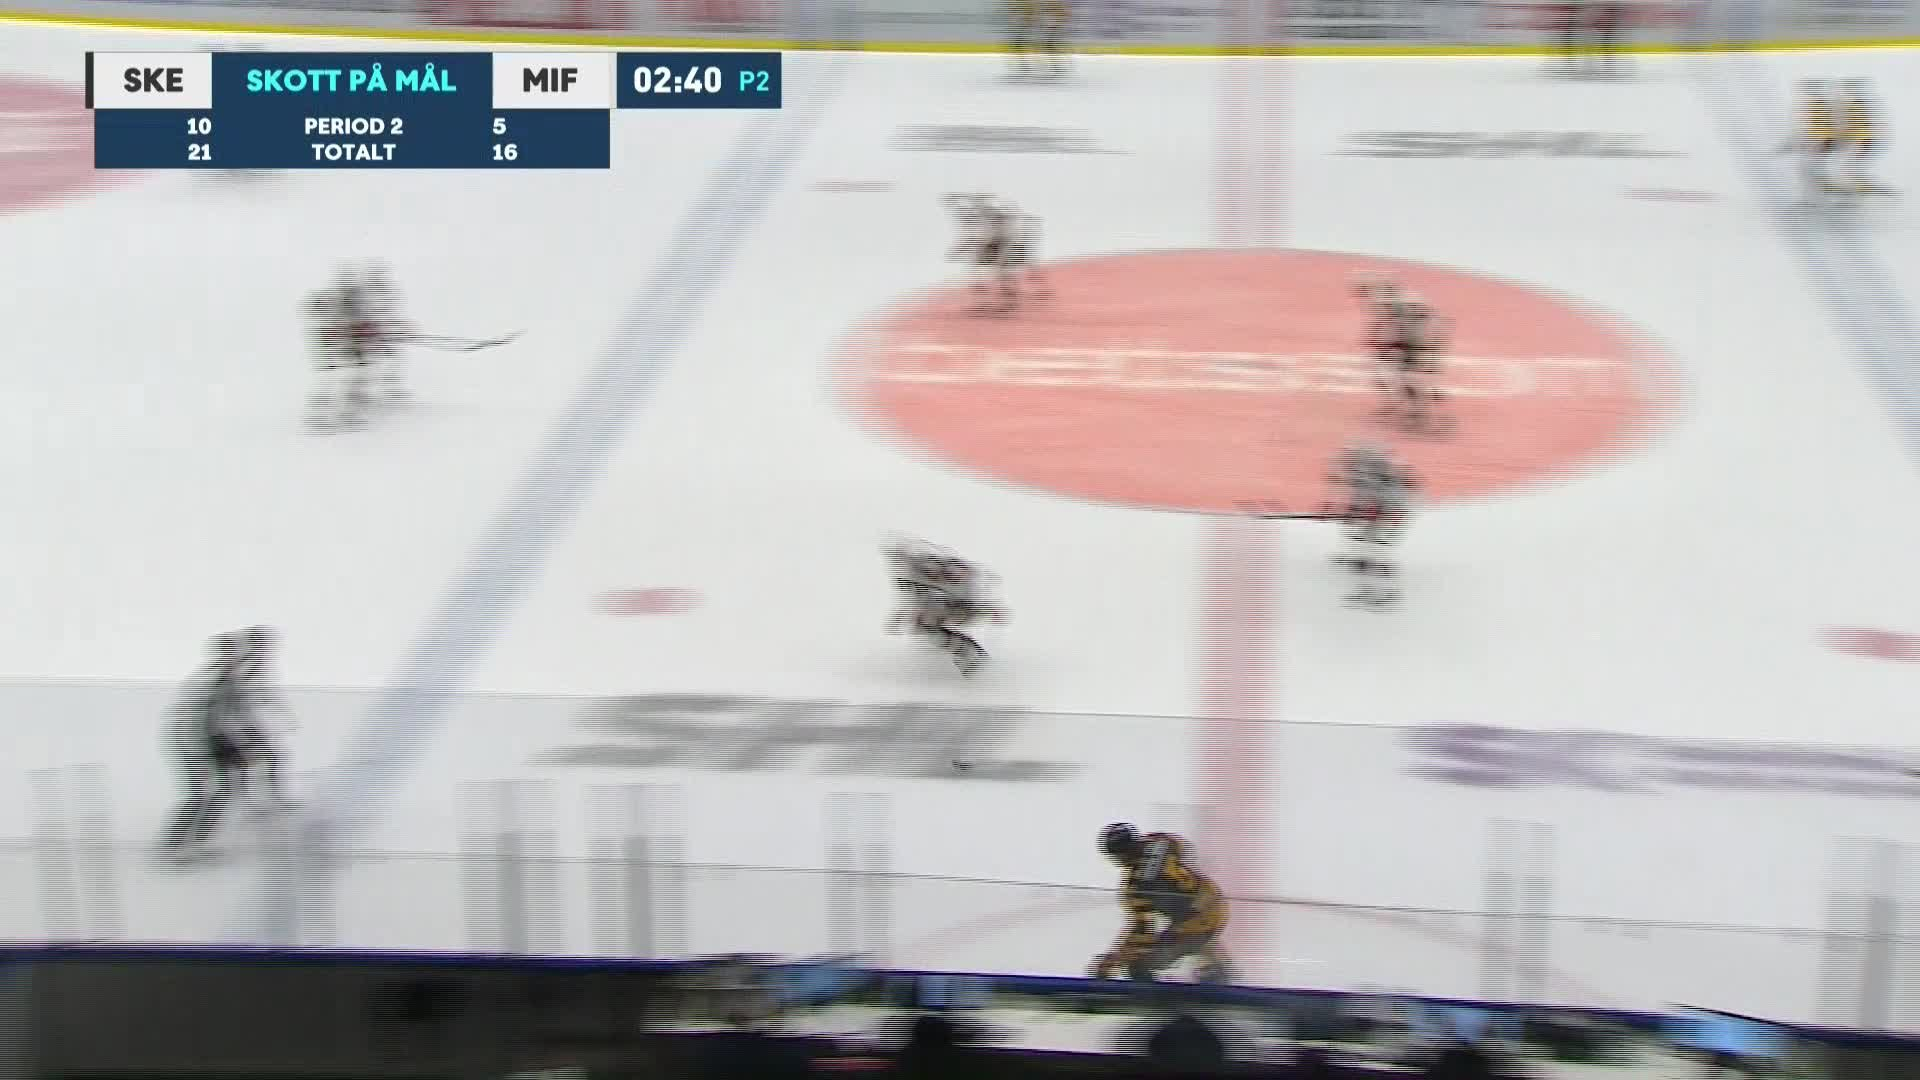 Skellefteå AIK - Malmö Redhawks 2-3